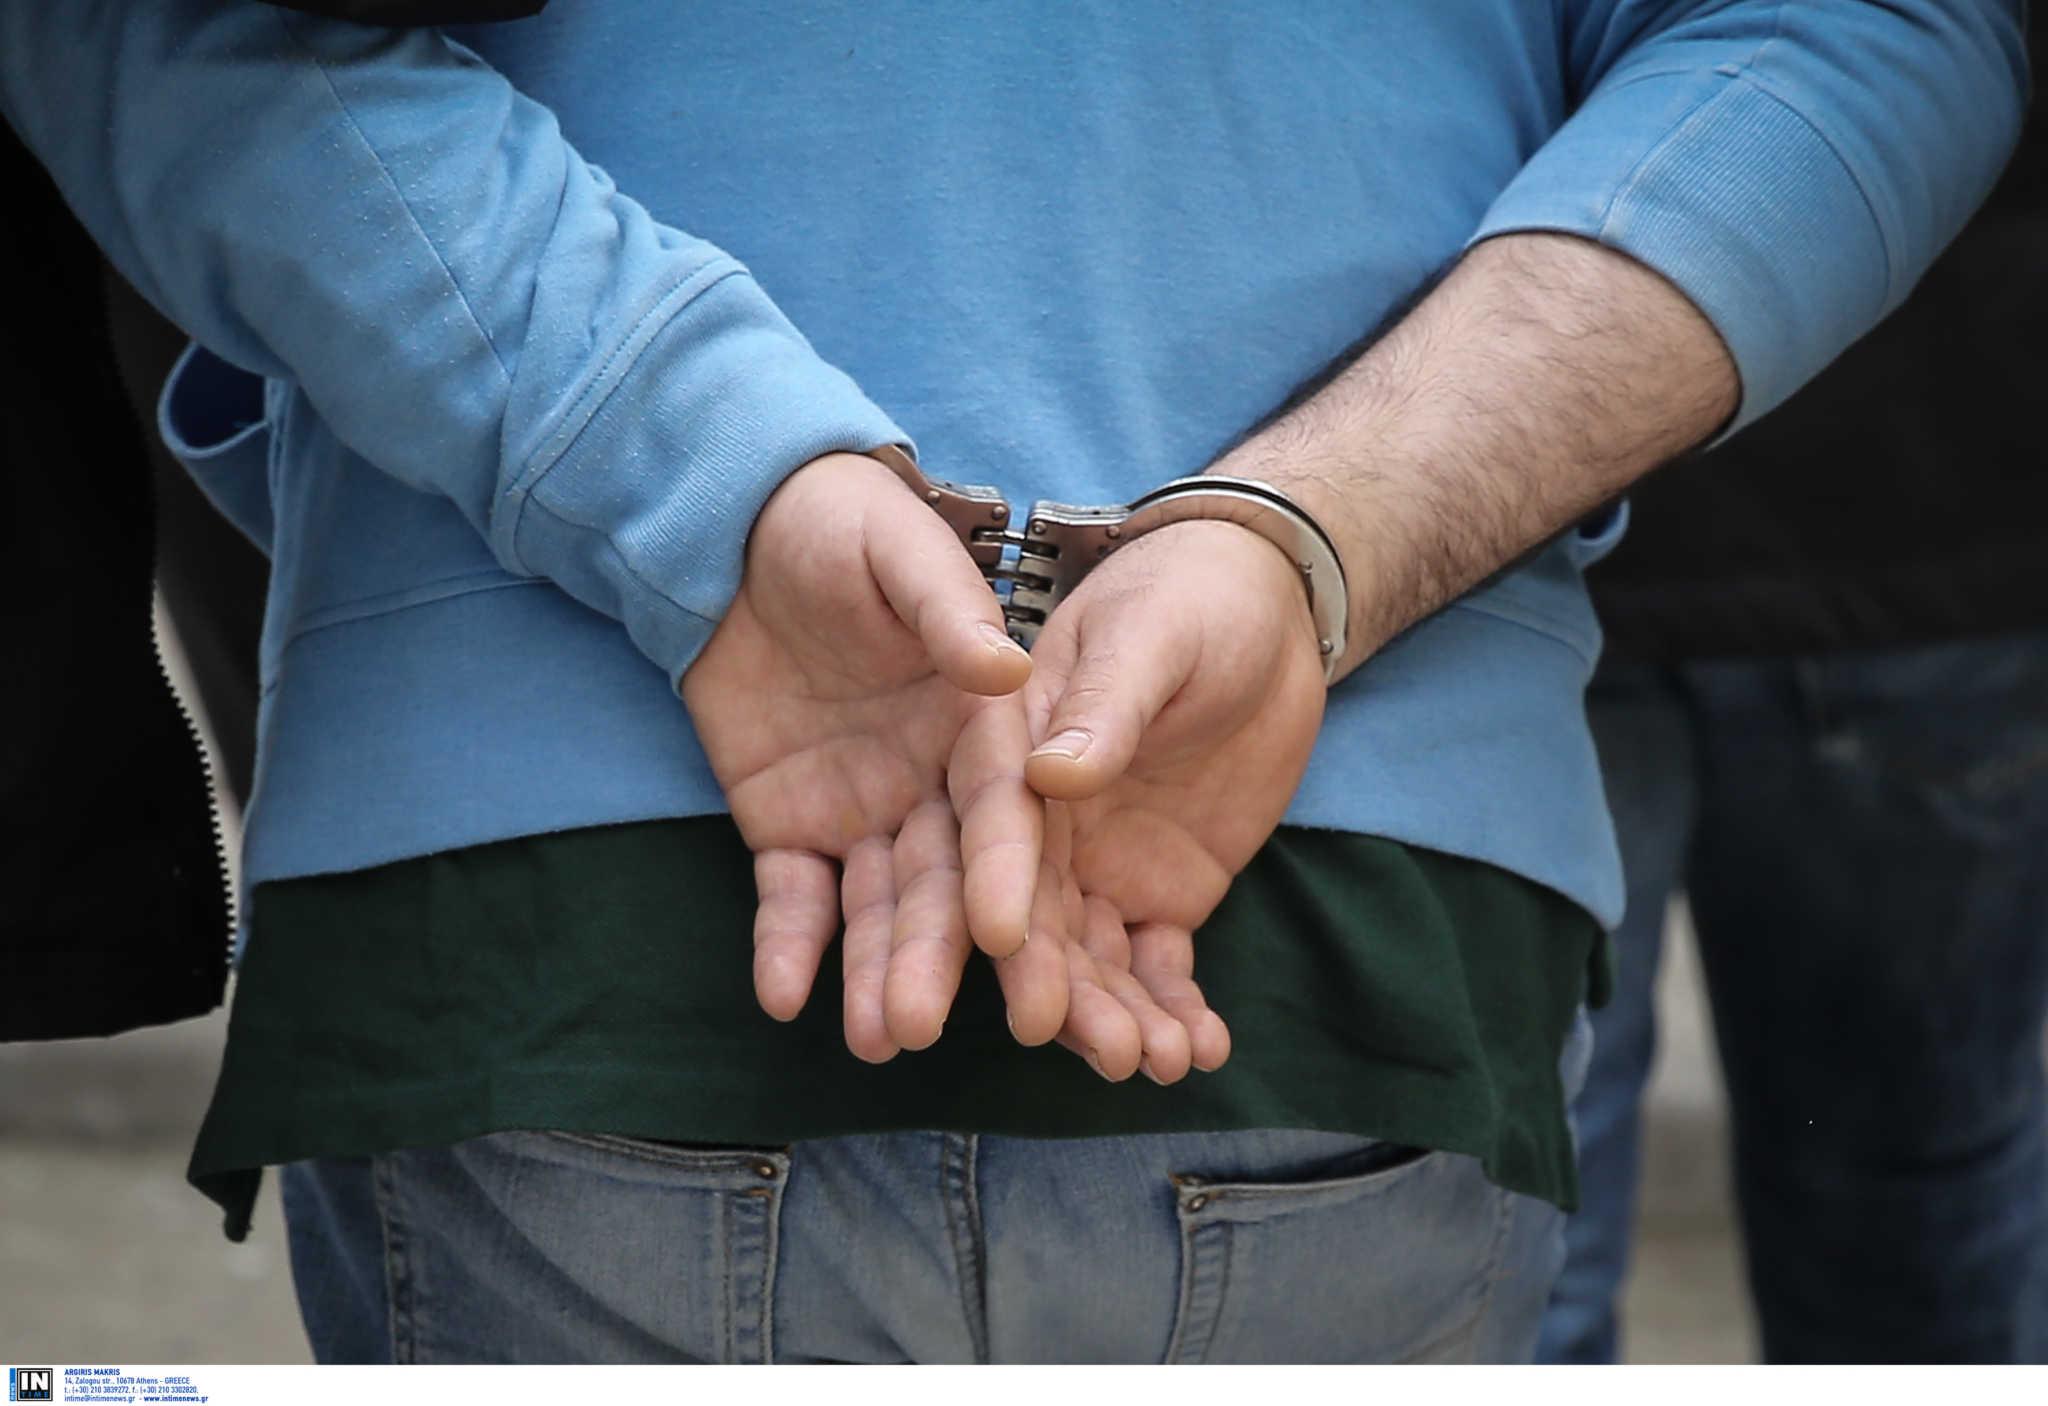 Δύο ανήλικοι συνελήφθησαν για την επίθεση σε 15 χρονο και 17χρονο στην Αργυρούπολη